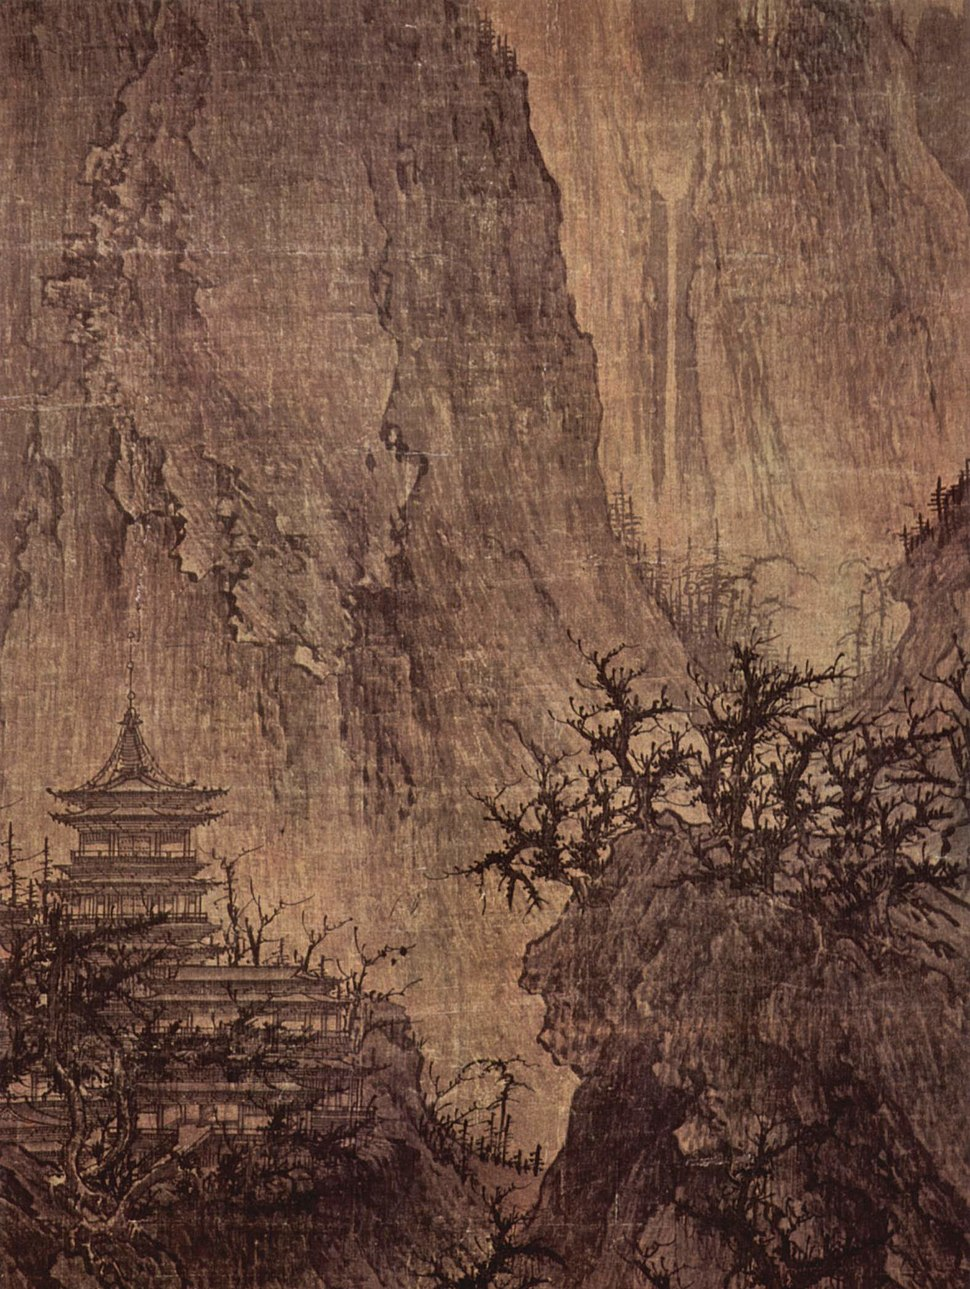 Chinesischer Maler des 11. Jahrhunderts (I) 001